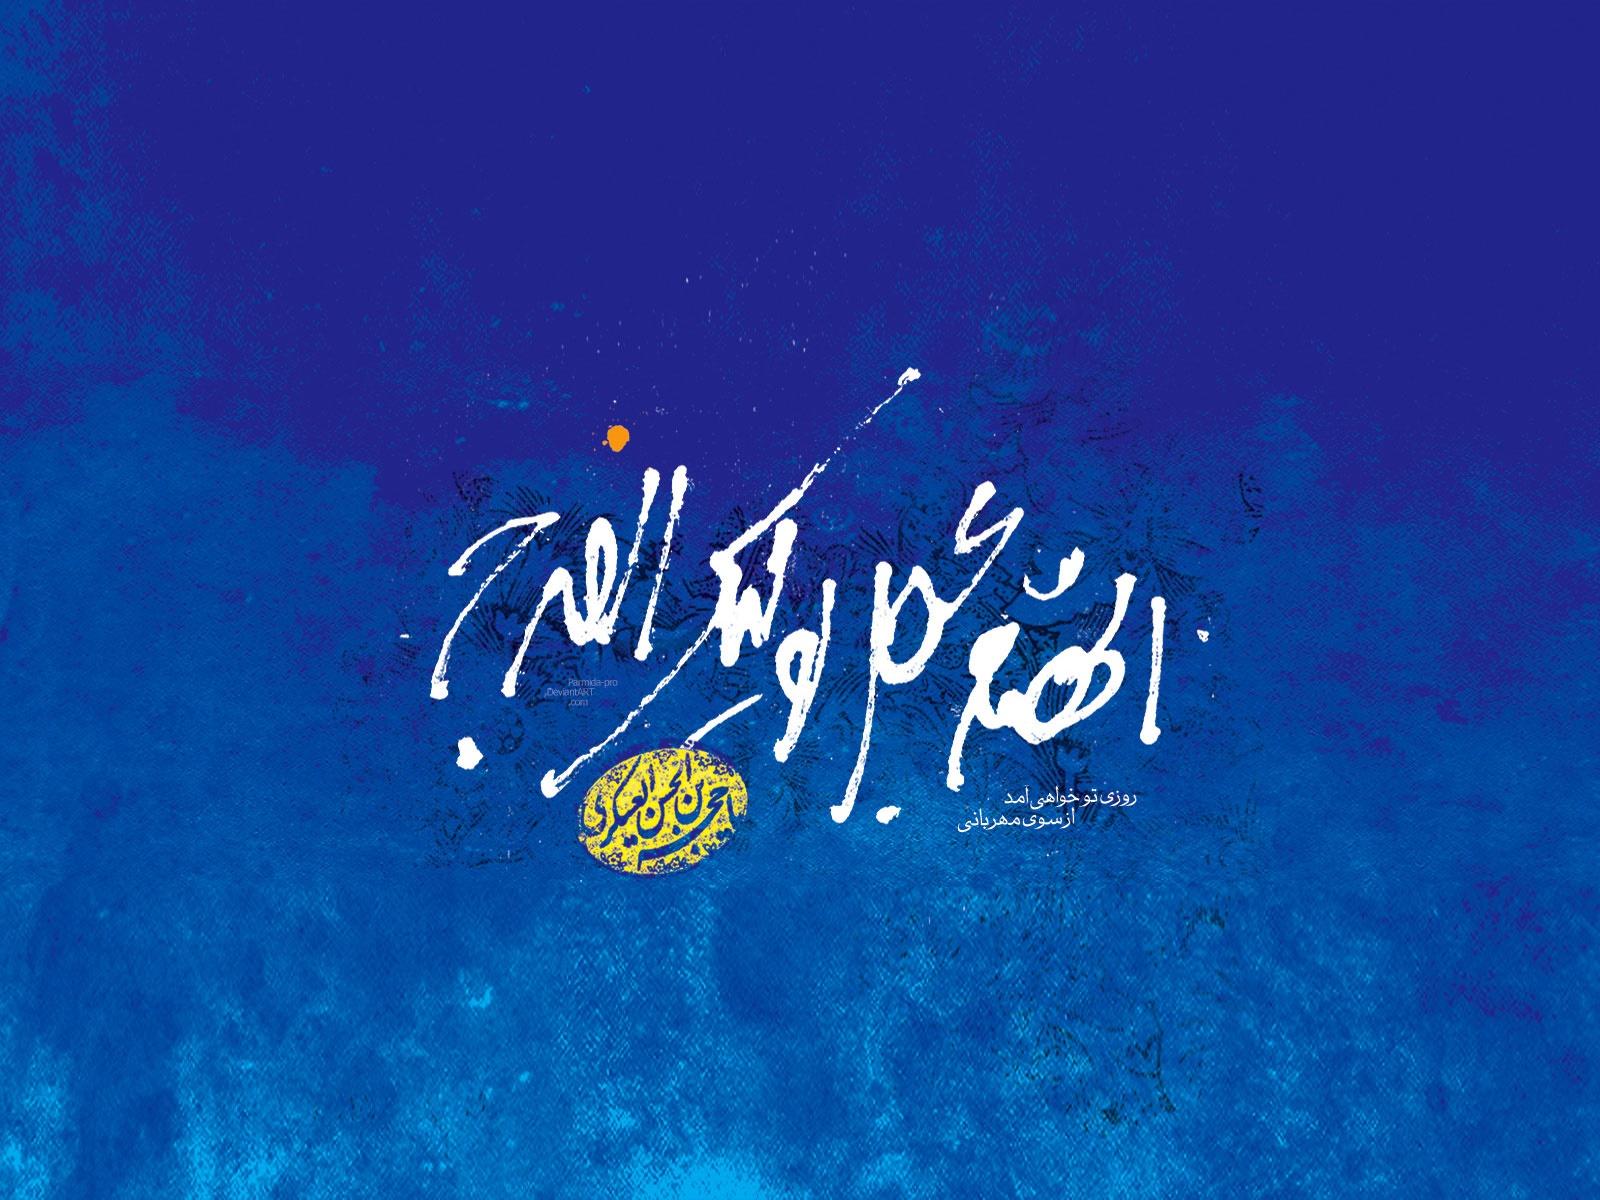 دولت کریمه با کرامت دولتمردان تحقق پیدا می کند/ شاخص های کرامت محوری در دولت کریمه